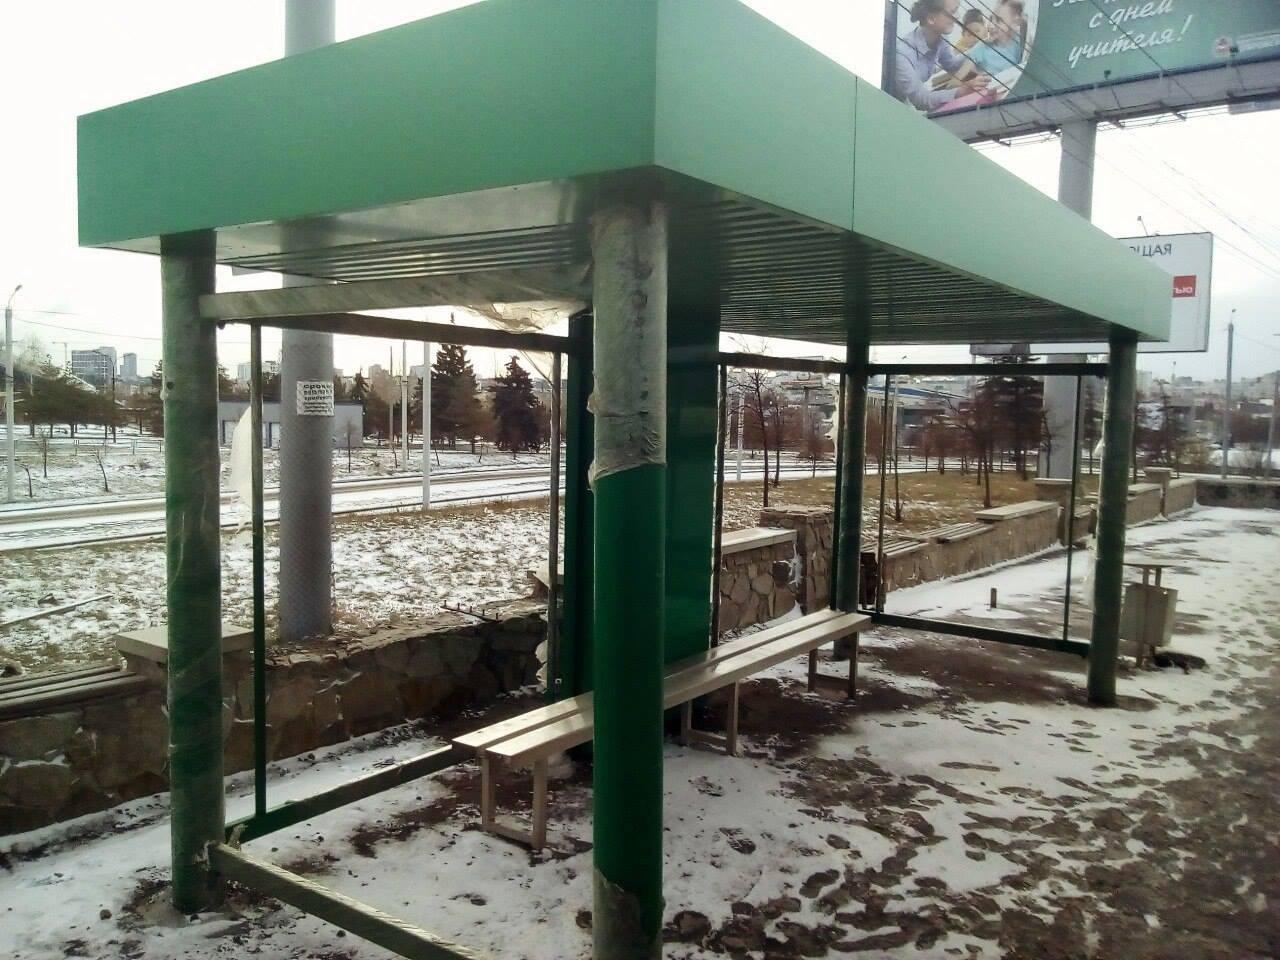 Остановочные комплексы, установленные на гостевых маршрутах в Челябинске, уберут. На них власти Ч